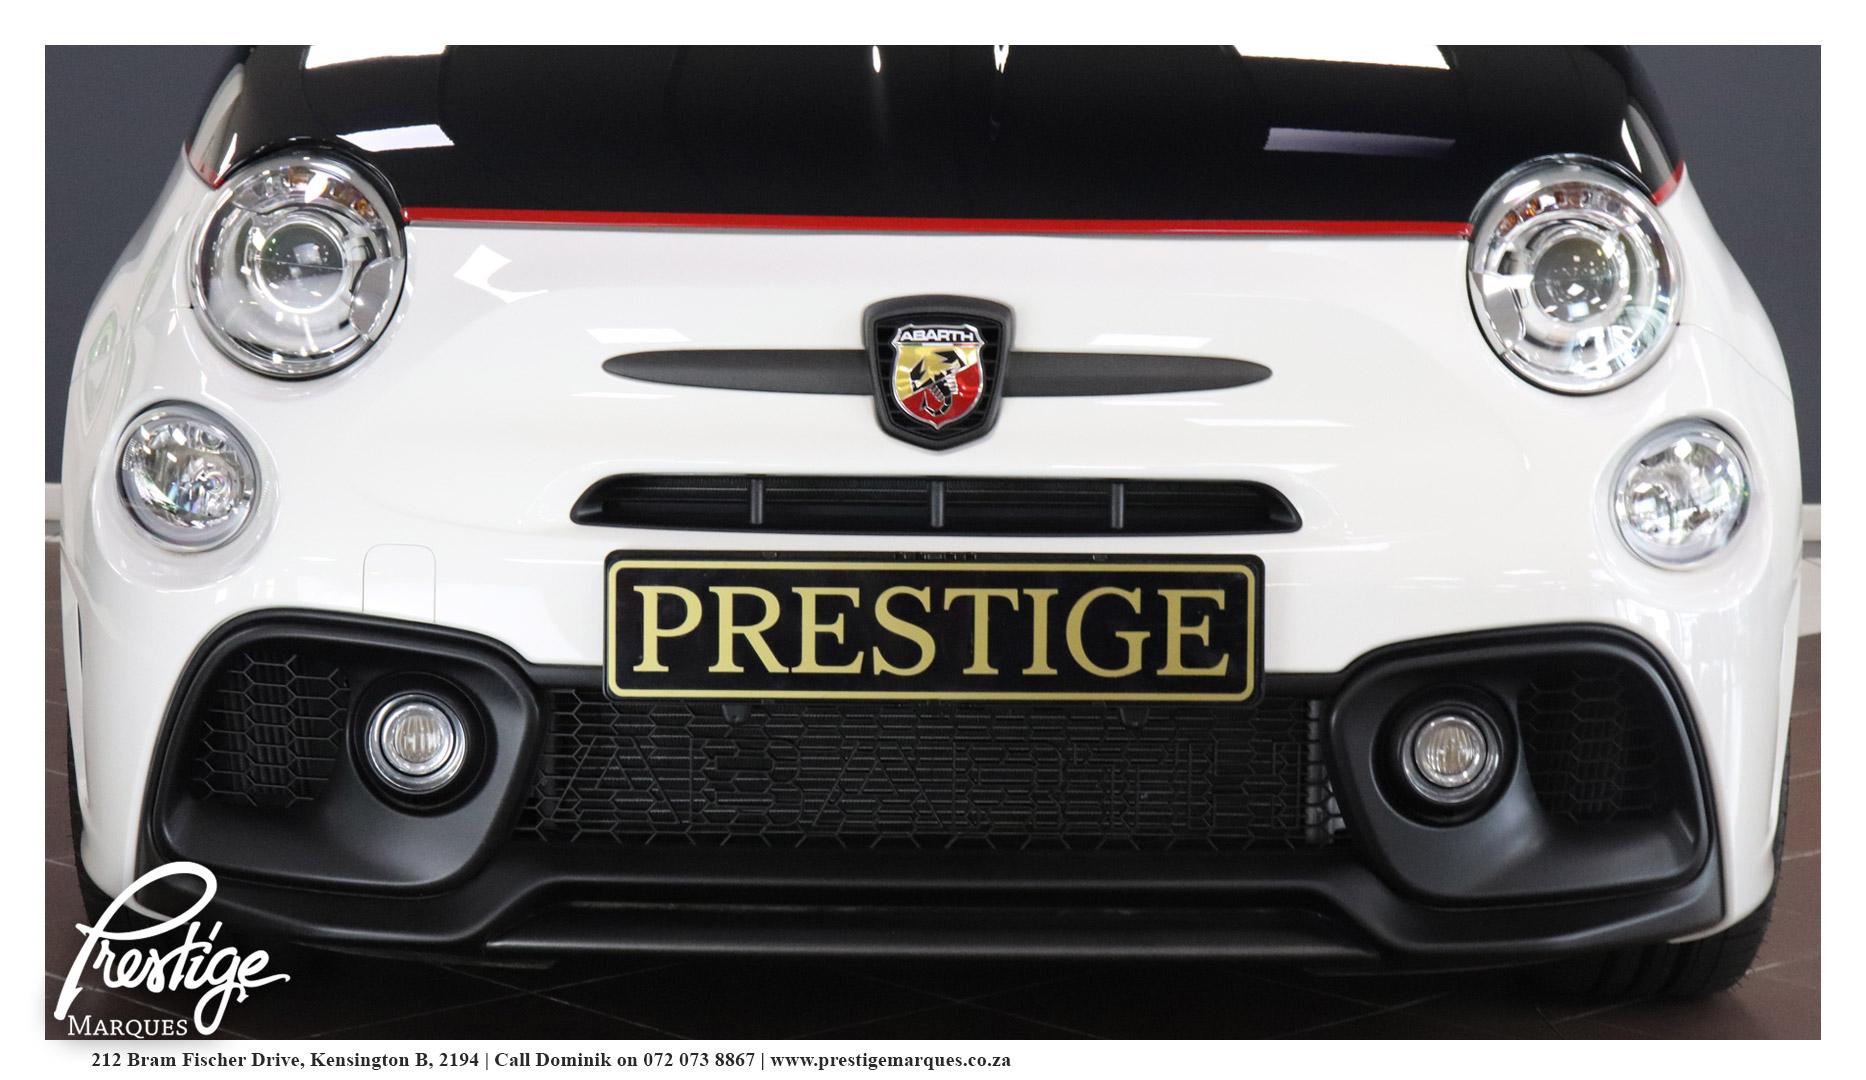 2020-Fiat-Abarth-595-Competizione-Manual-Prestige-Marques-Randburg-Sandton-11